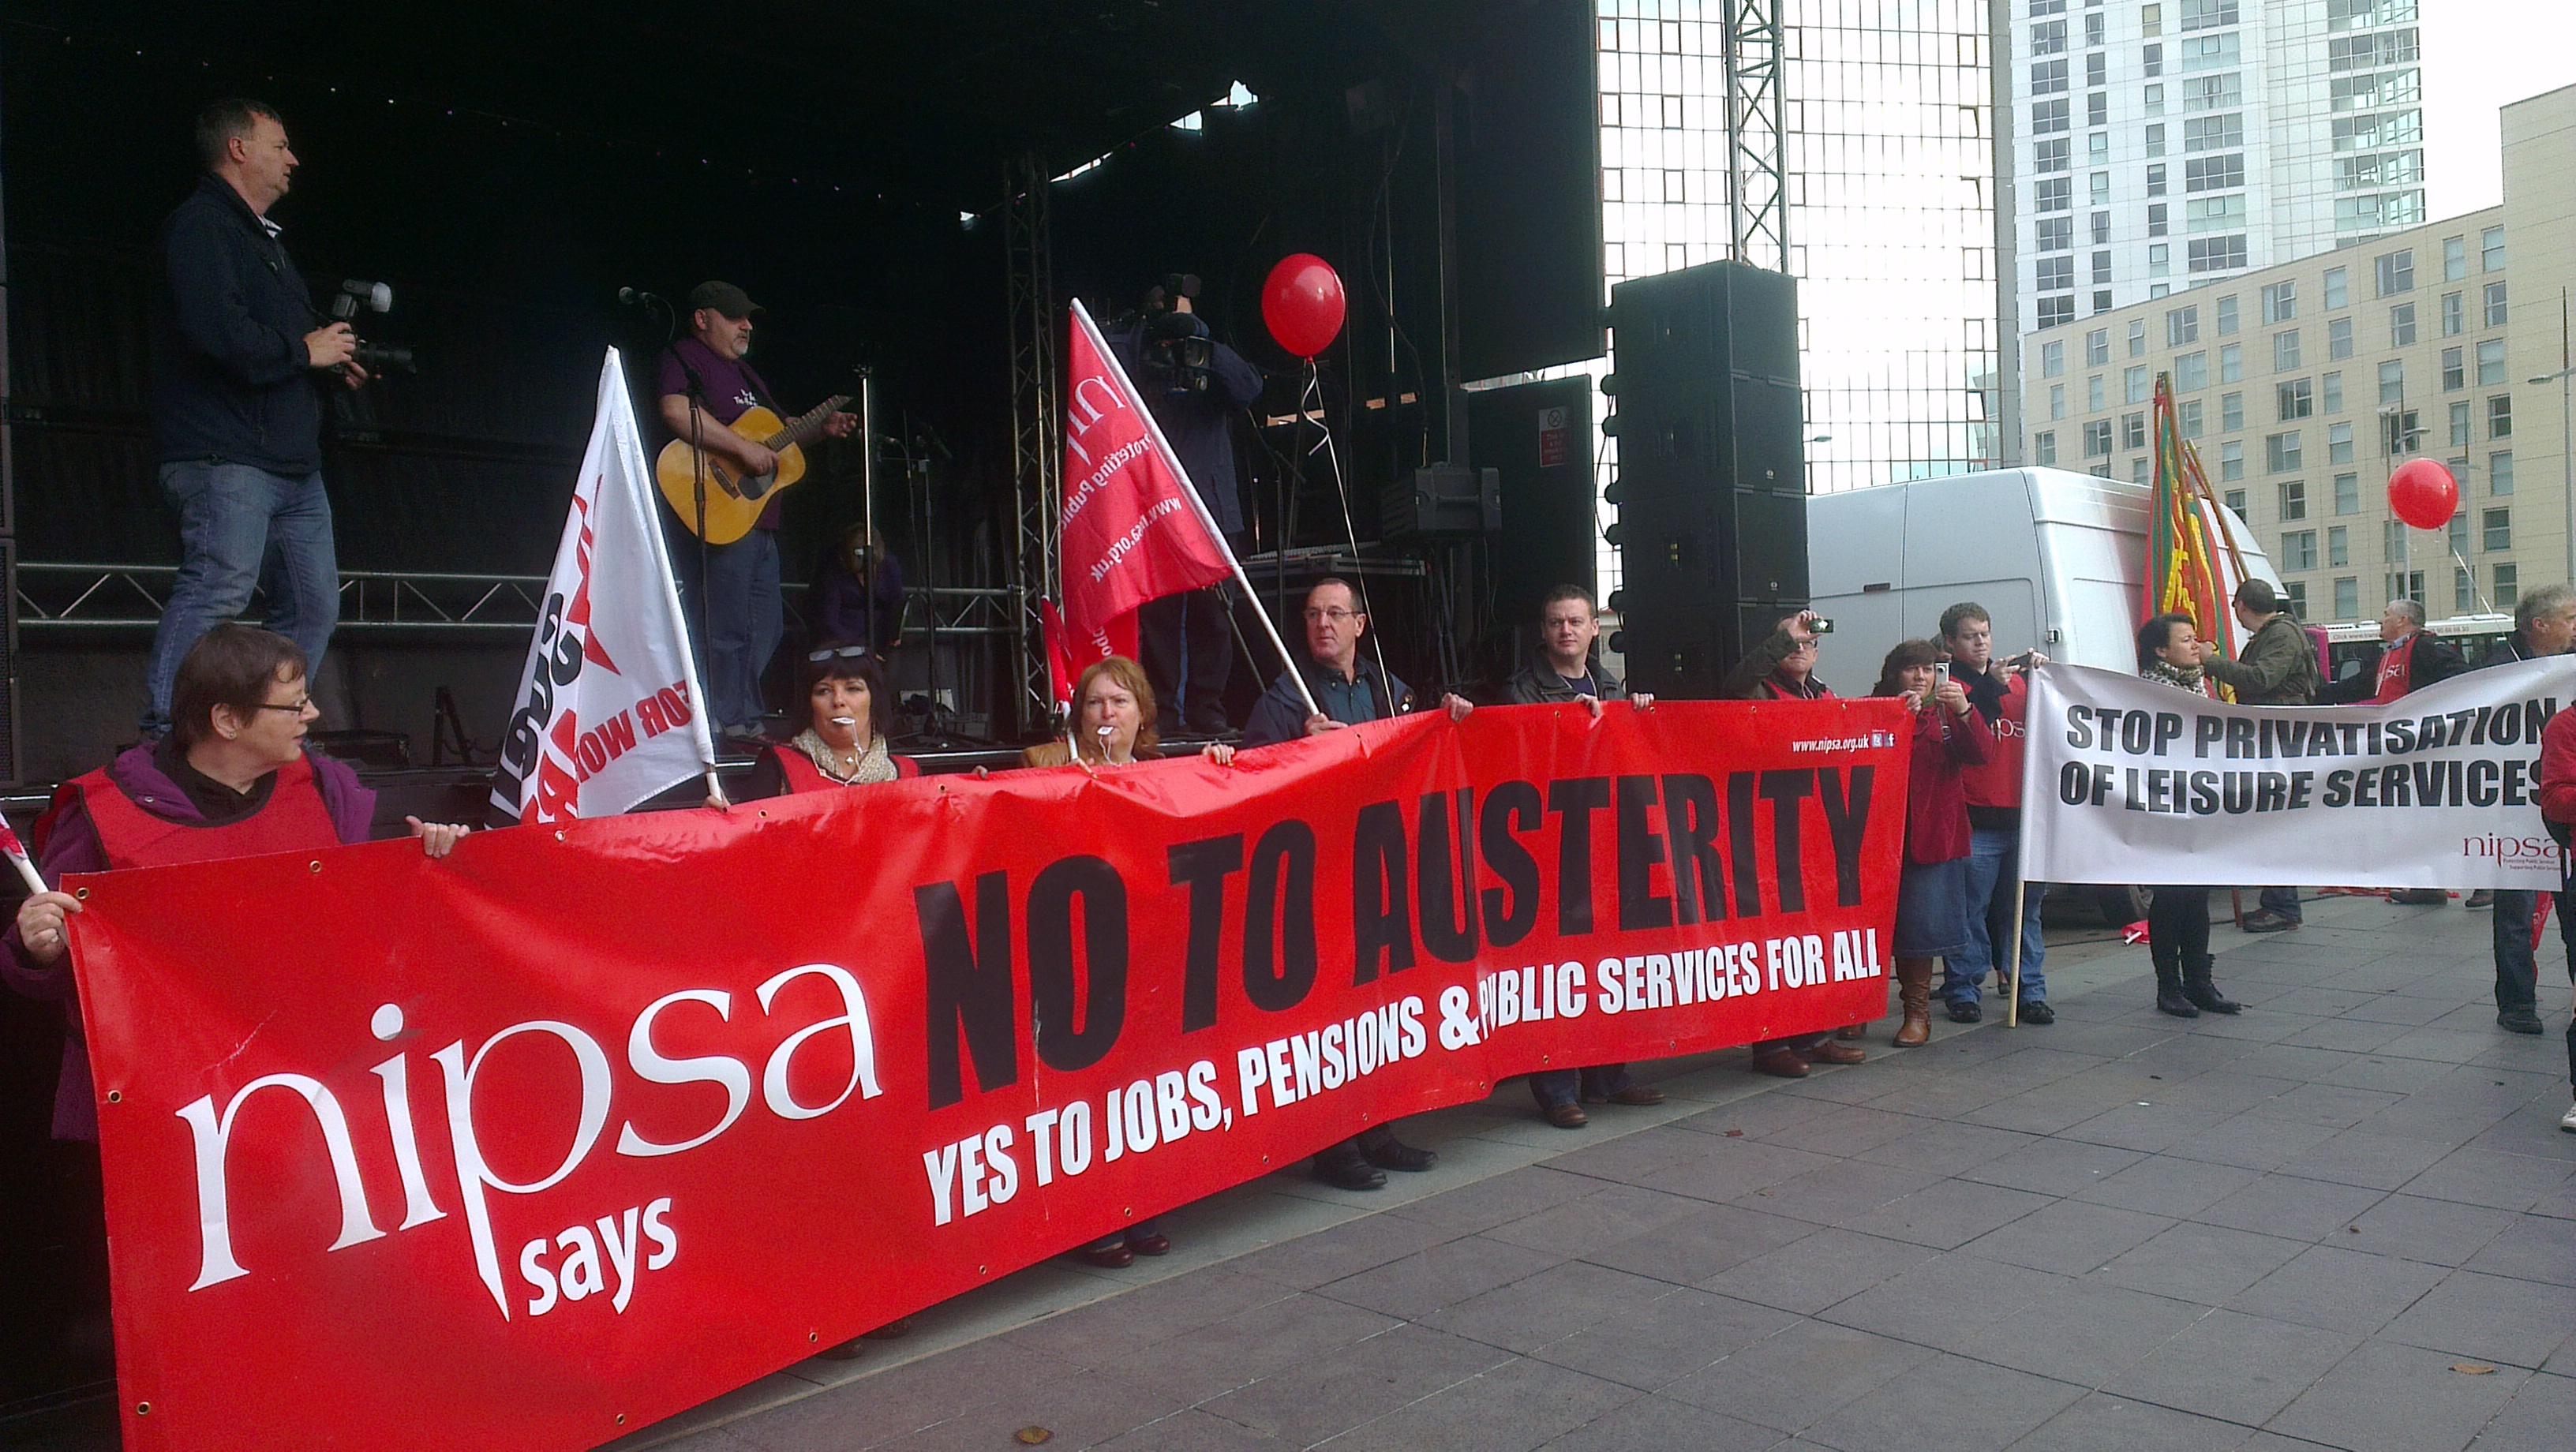 NIPSA_Austerity_thumb.jpg